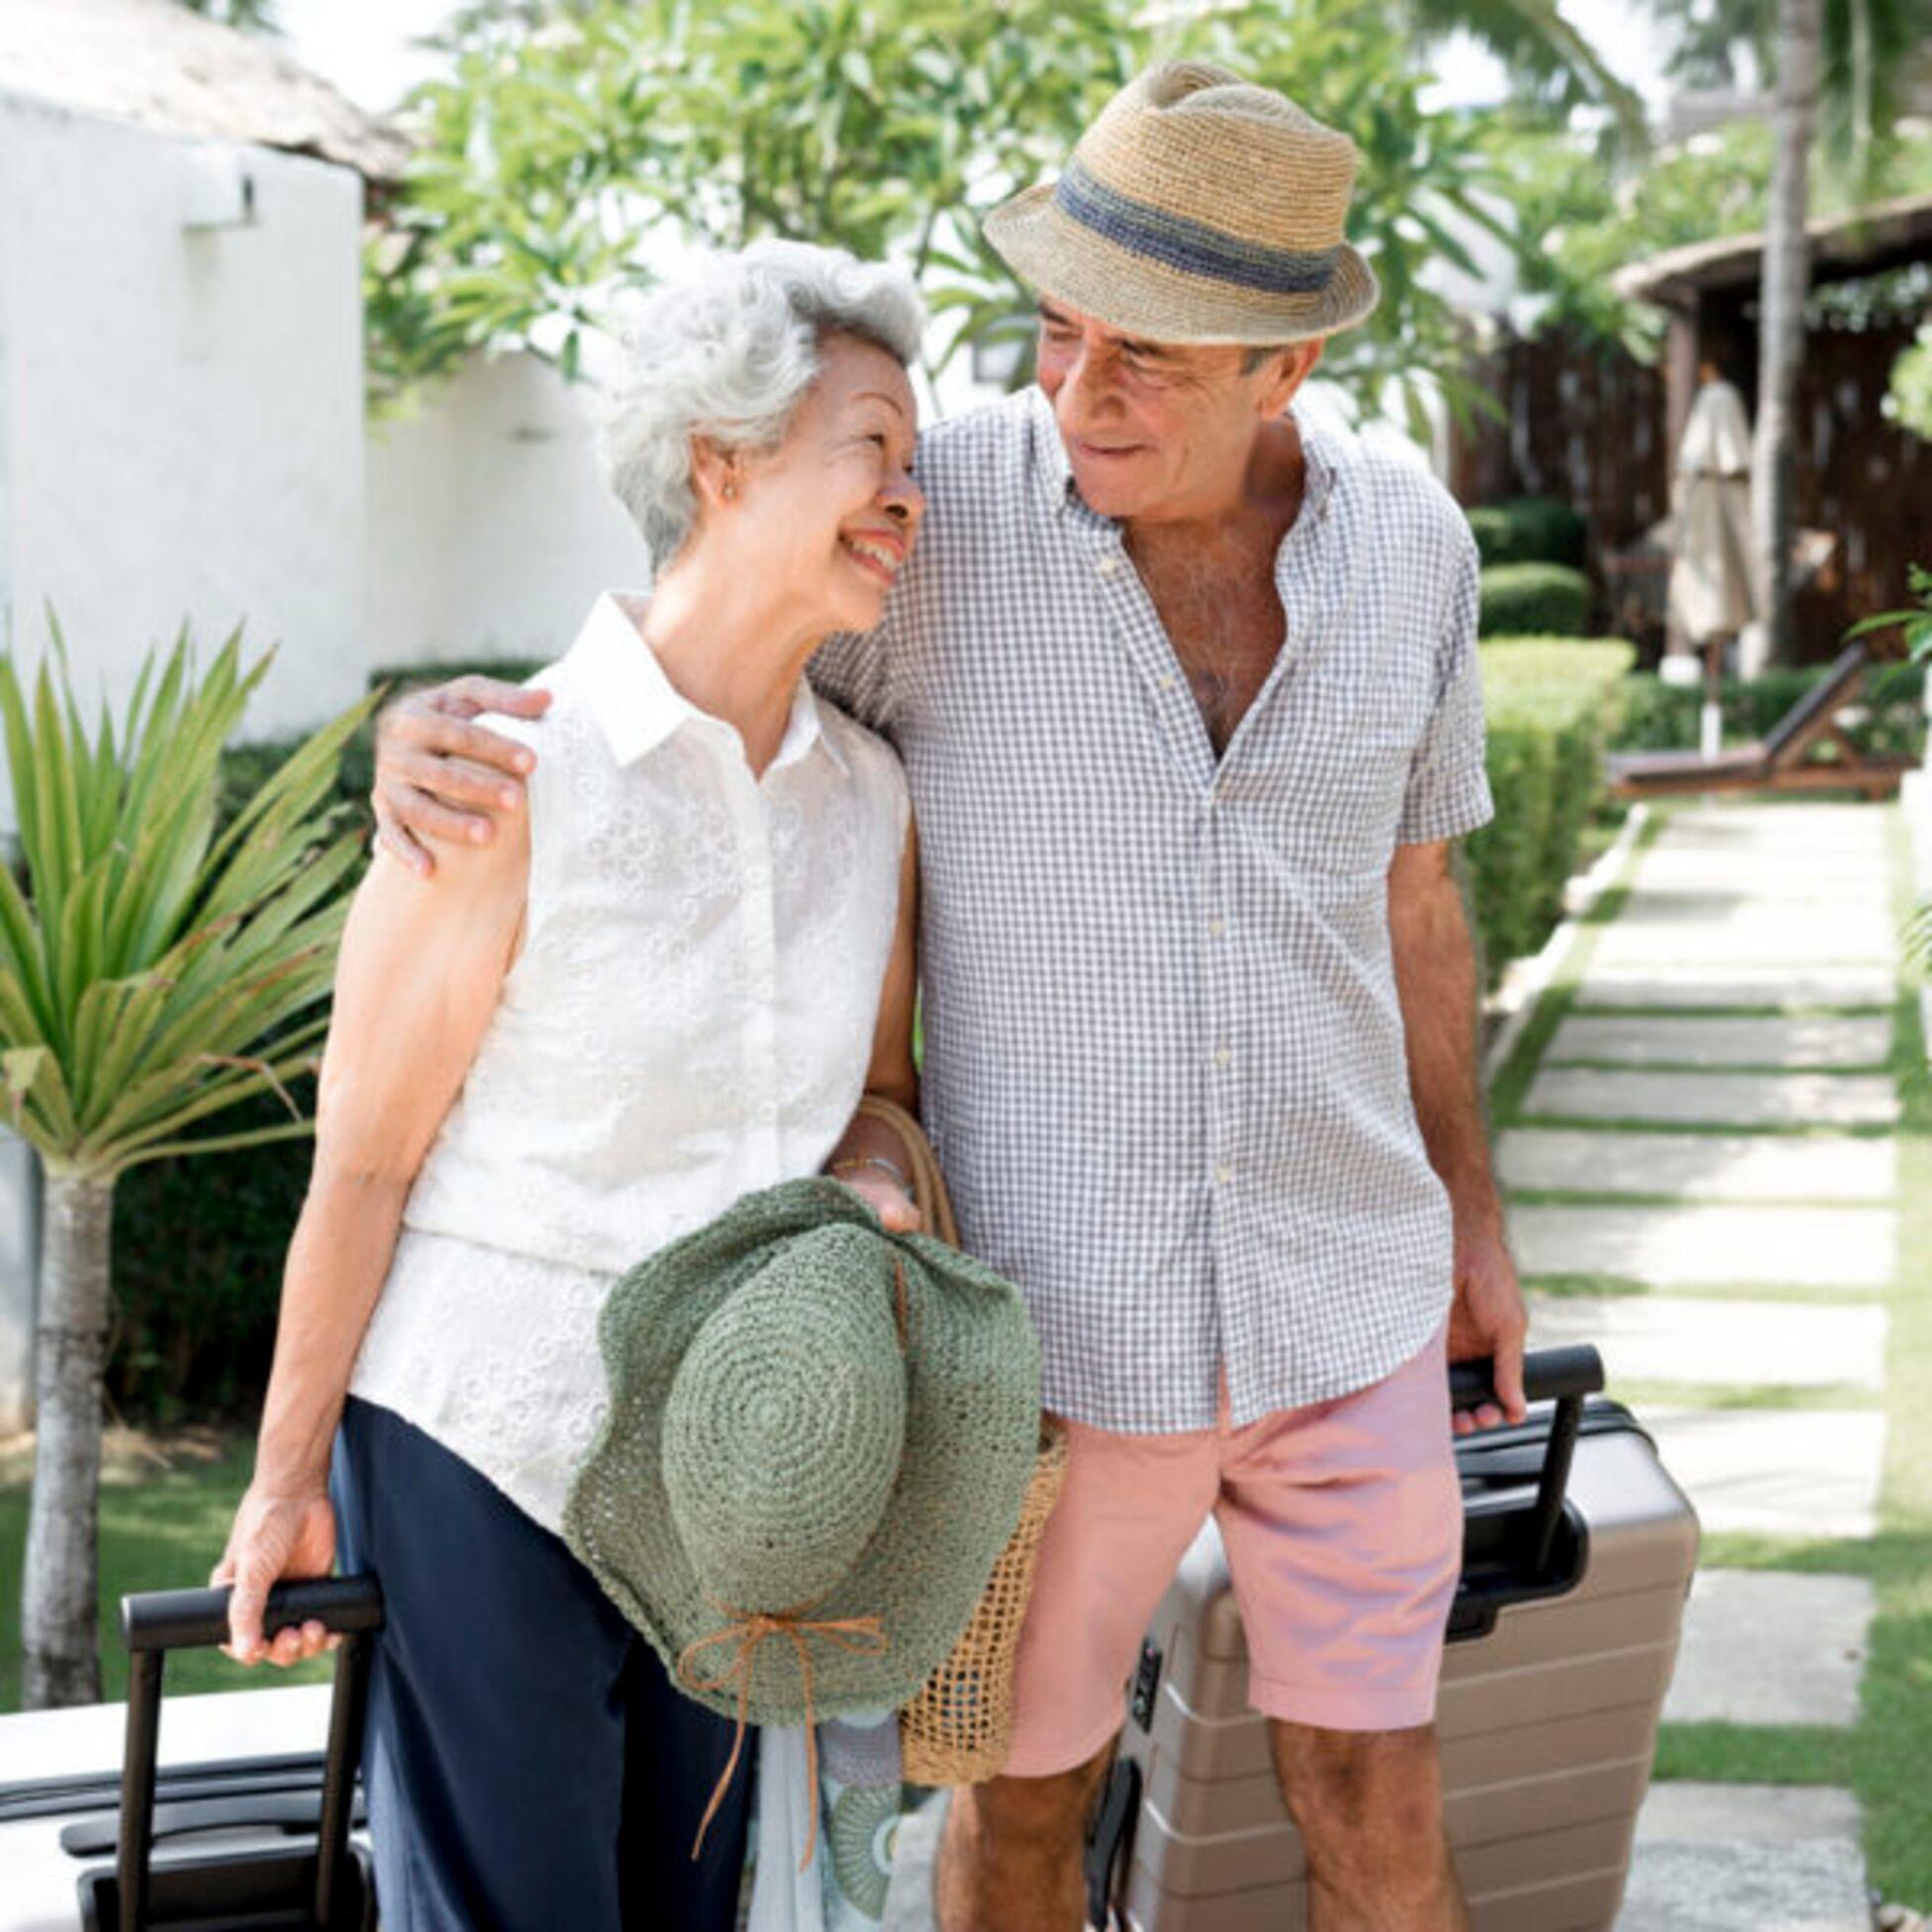 Rentner beim Auswandern: Frau und Mann mit Koffern